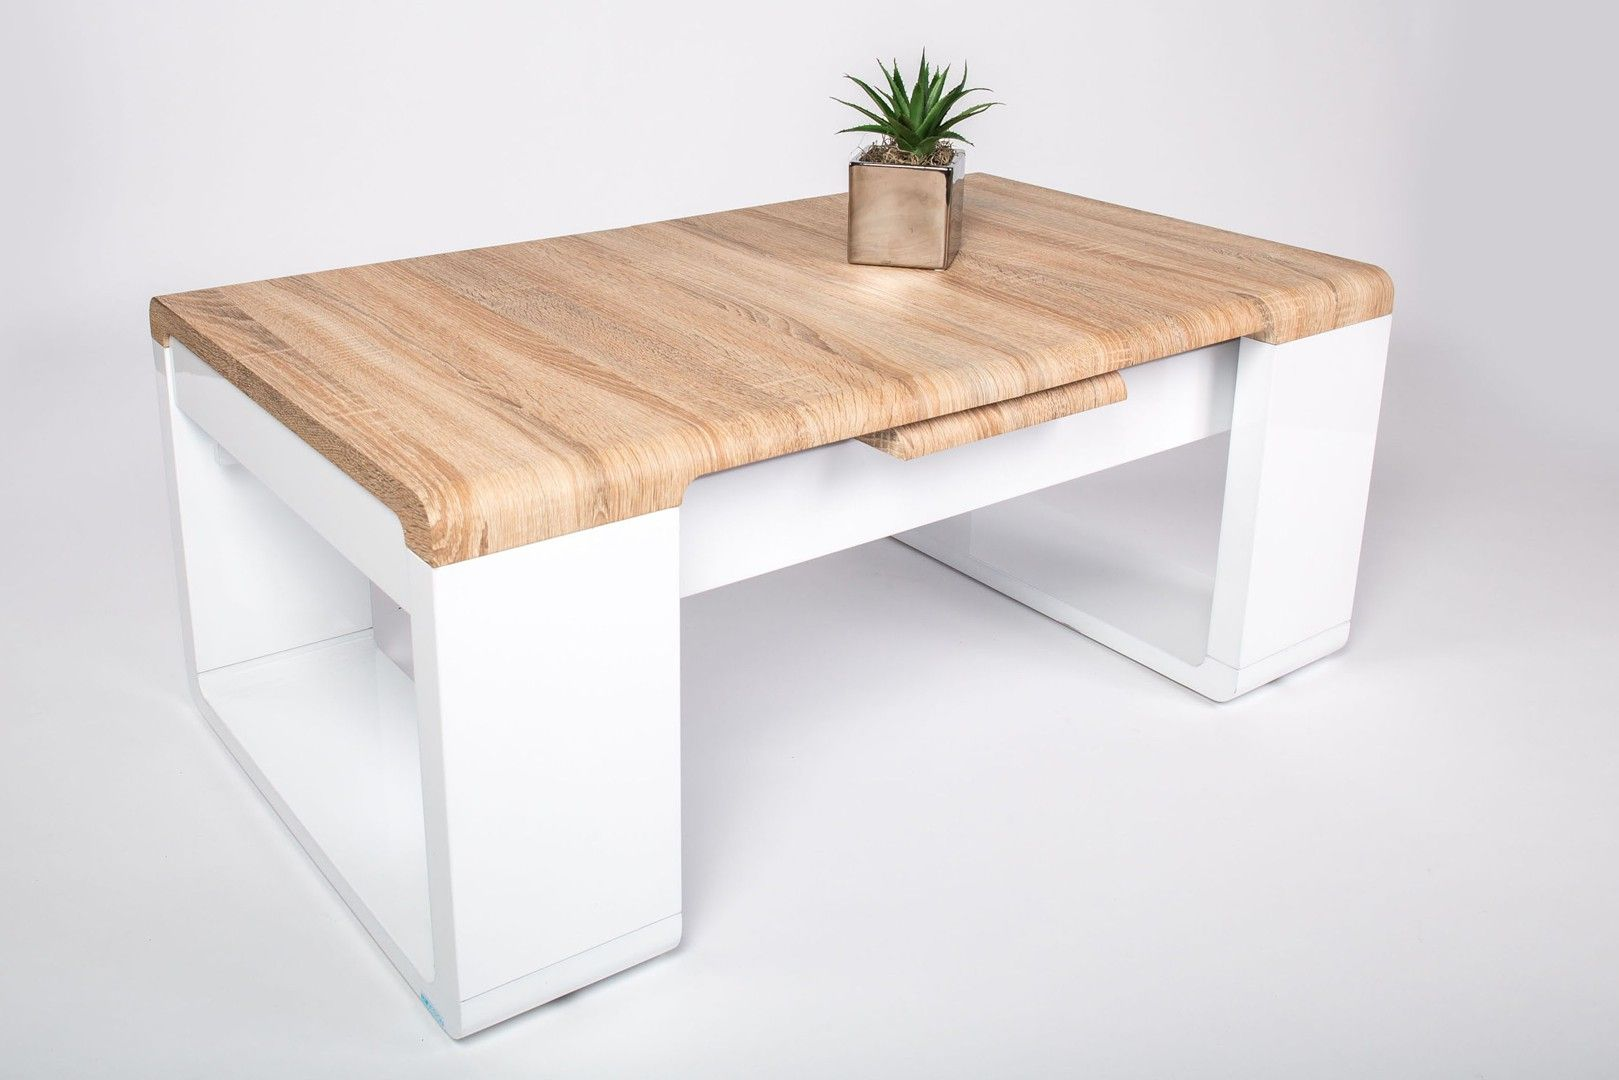 impressionnant table basse bois et laqué blanc | Décoration ...